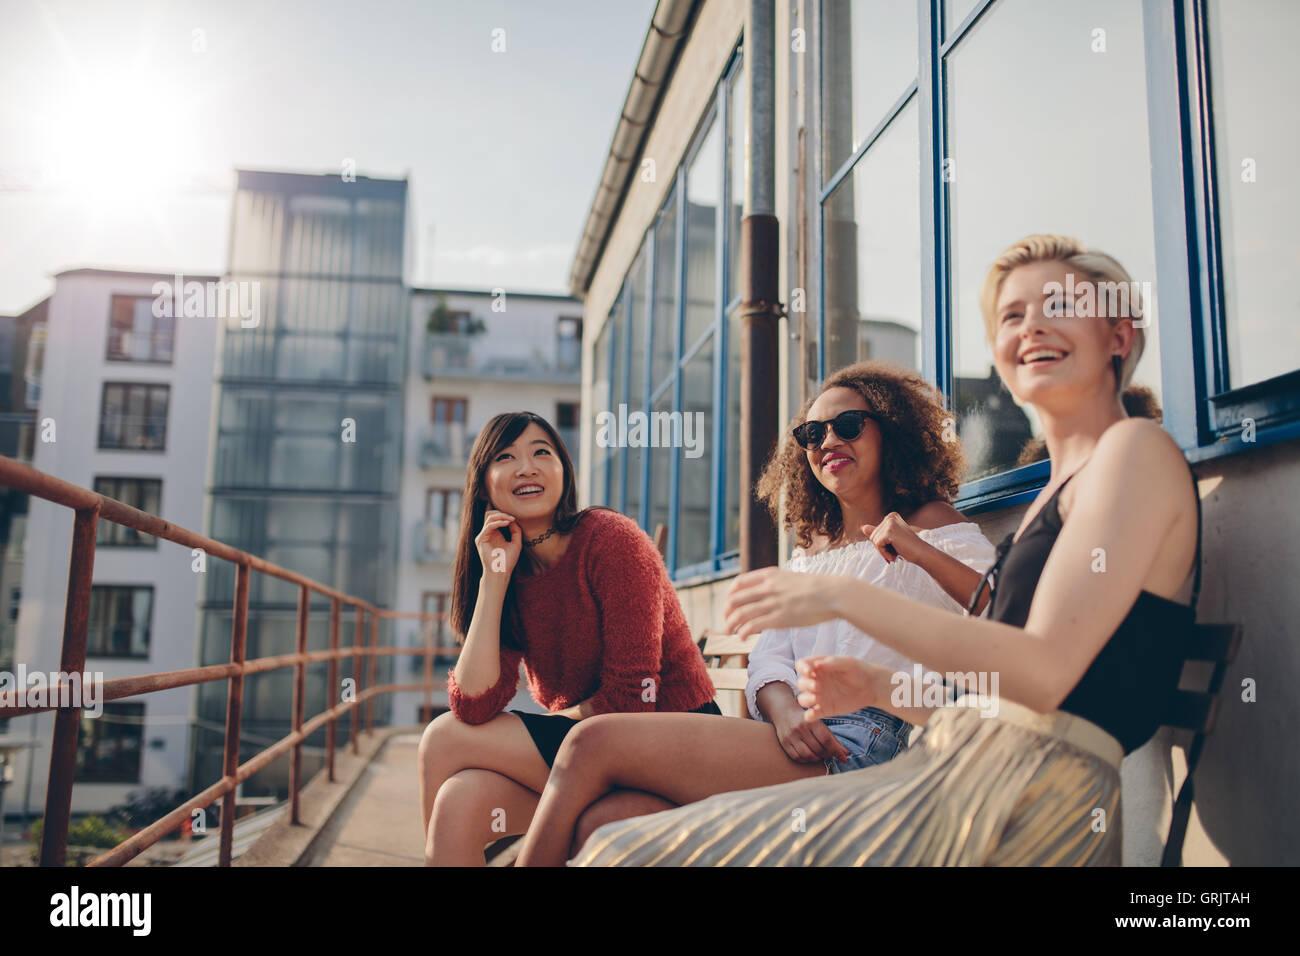 Feliz tres amigas jóvenes sentados en el balcón y sonriente. Las mujeres relajarse al aire libre en la Imagen De Stock